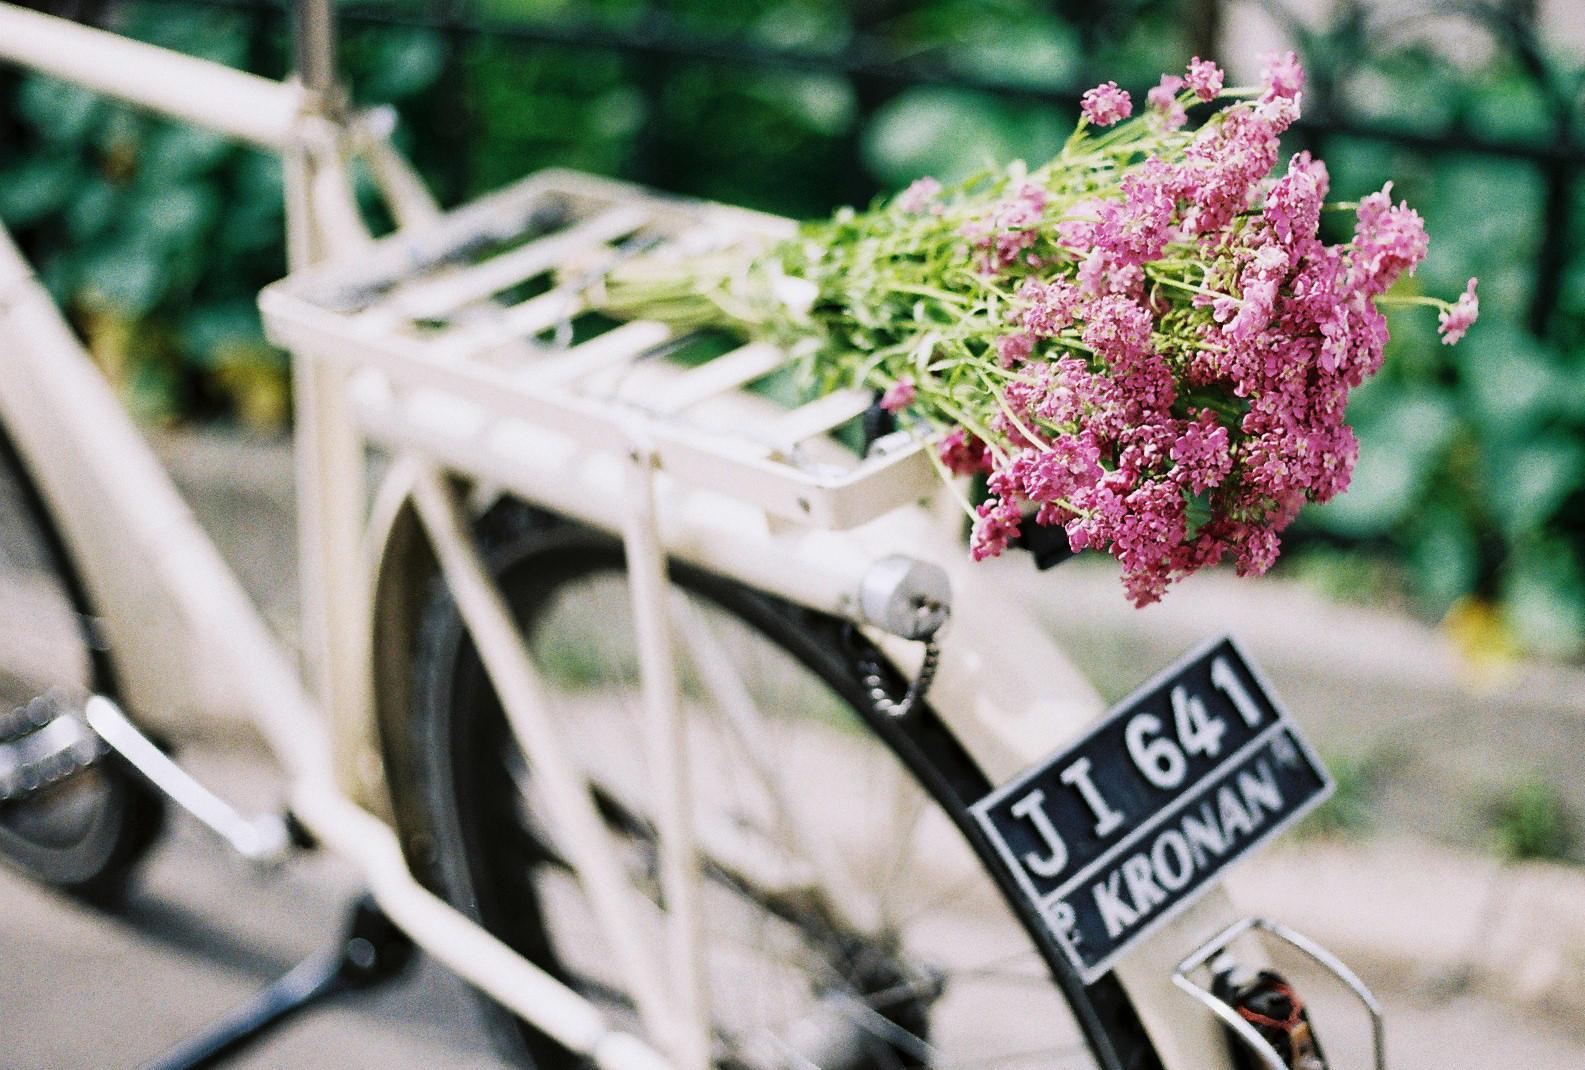 Žienky krásne, dnes je náš deň! Oslavujte, užívajte si ho, doprajte si dnes malé aj veľké potešenia. A aspoň takto na diaľku vám všetkým posielam kyticu kvetov :) - Obrázok č. 1